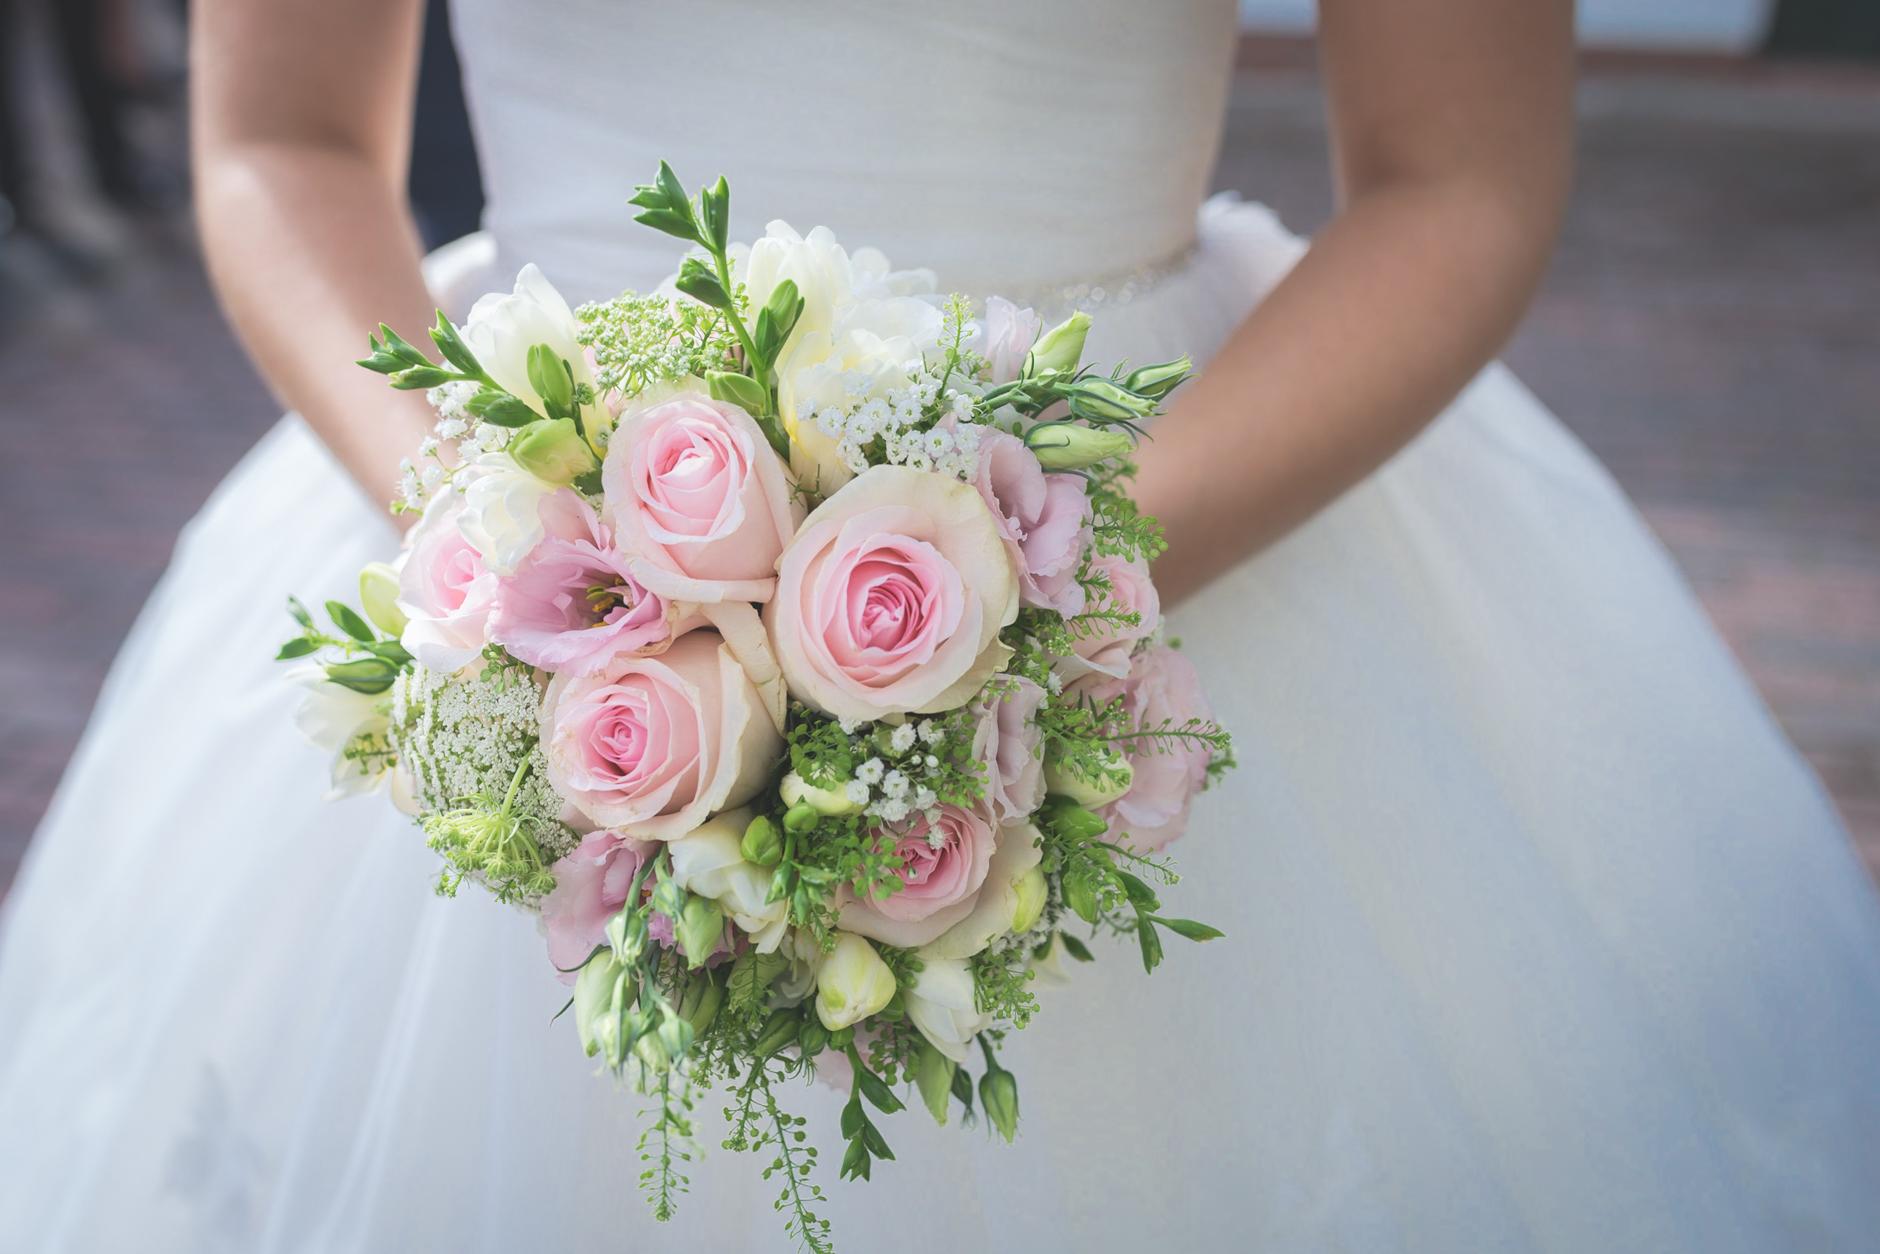 Hochzeiten, das sind auch viele kleine Erinnerungen und Details wie dieser BRautstrauß